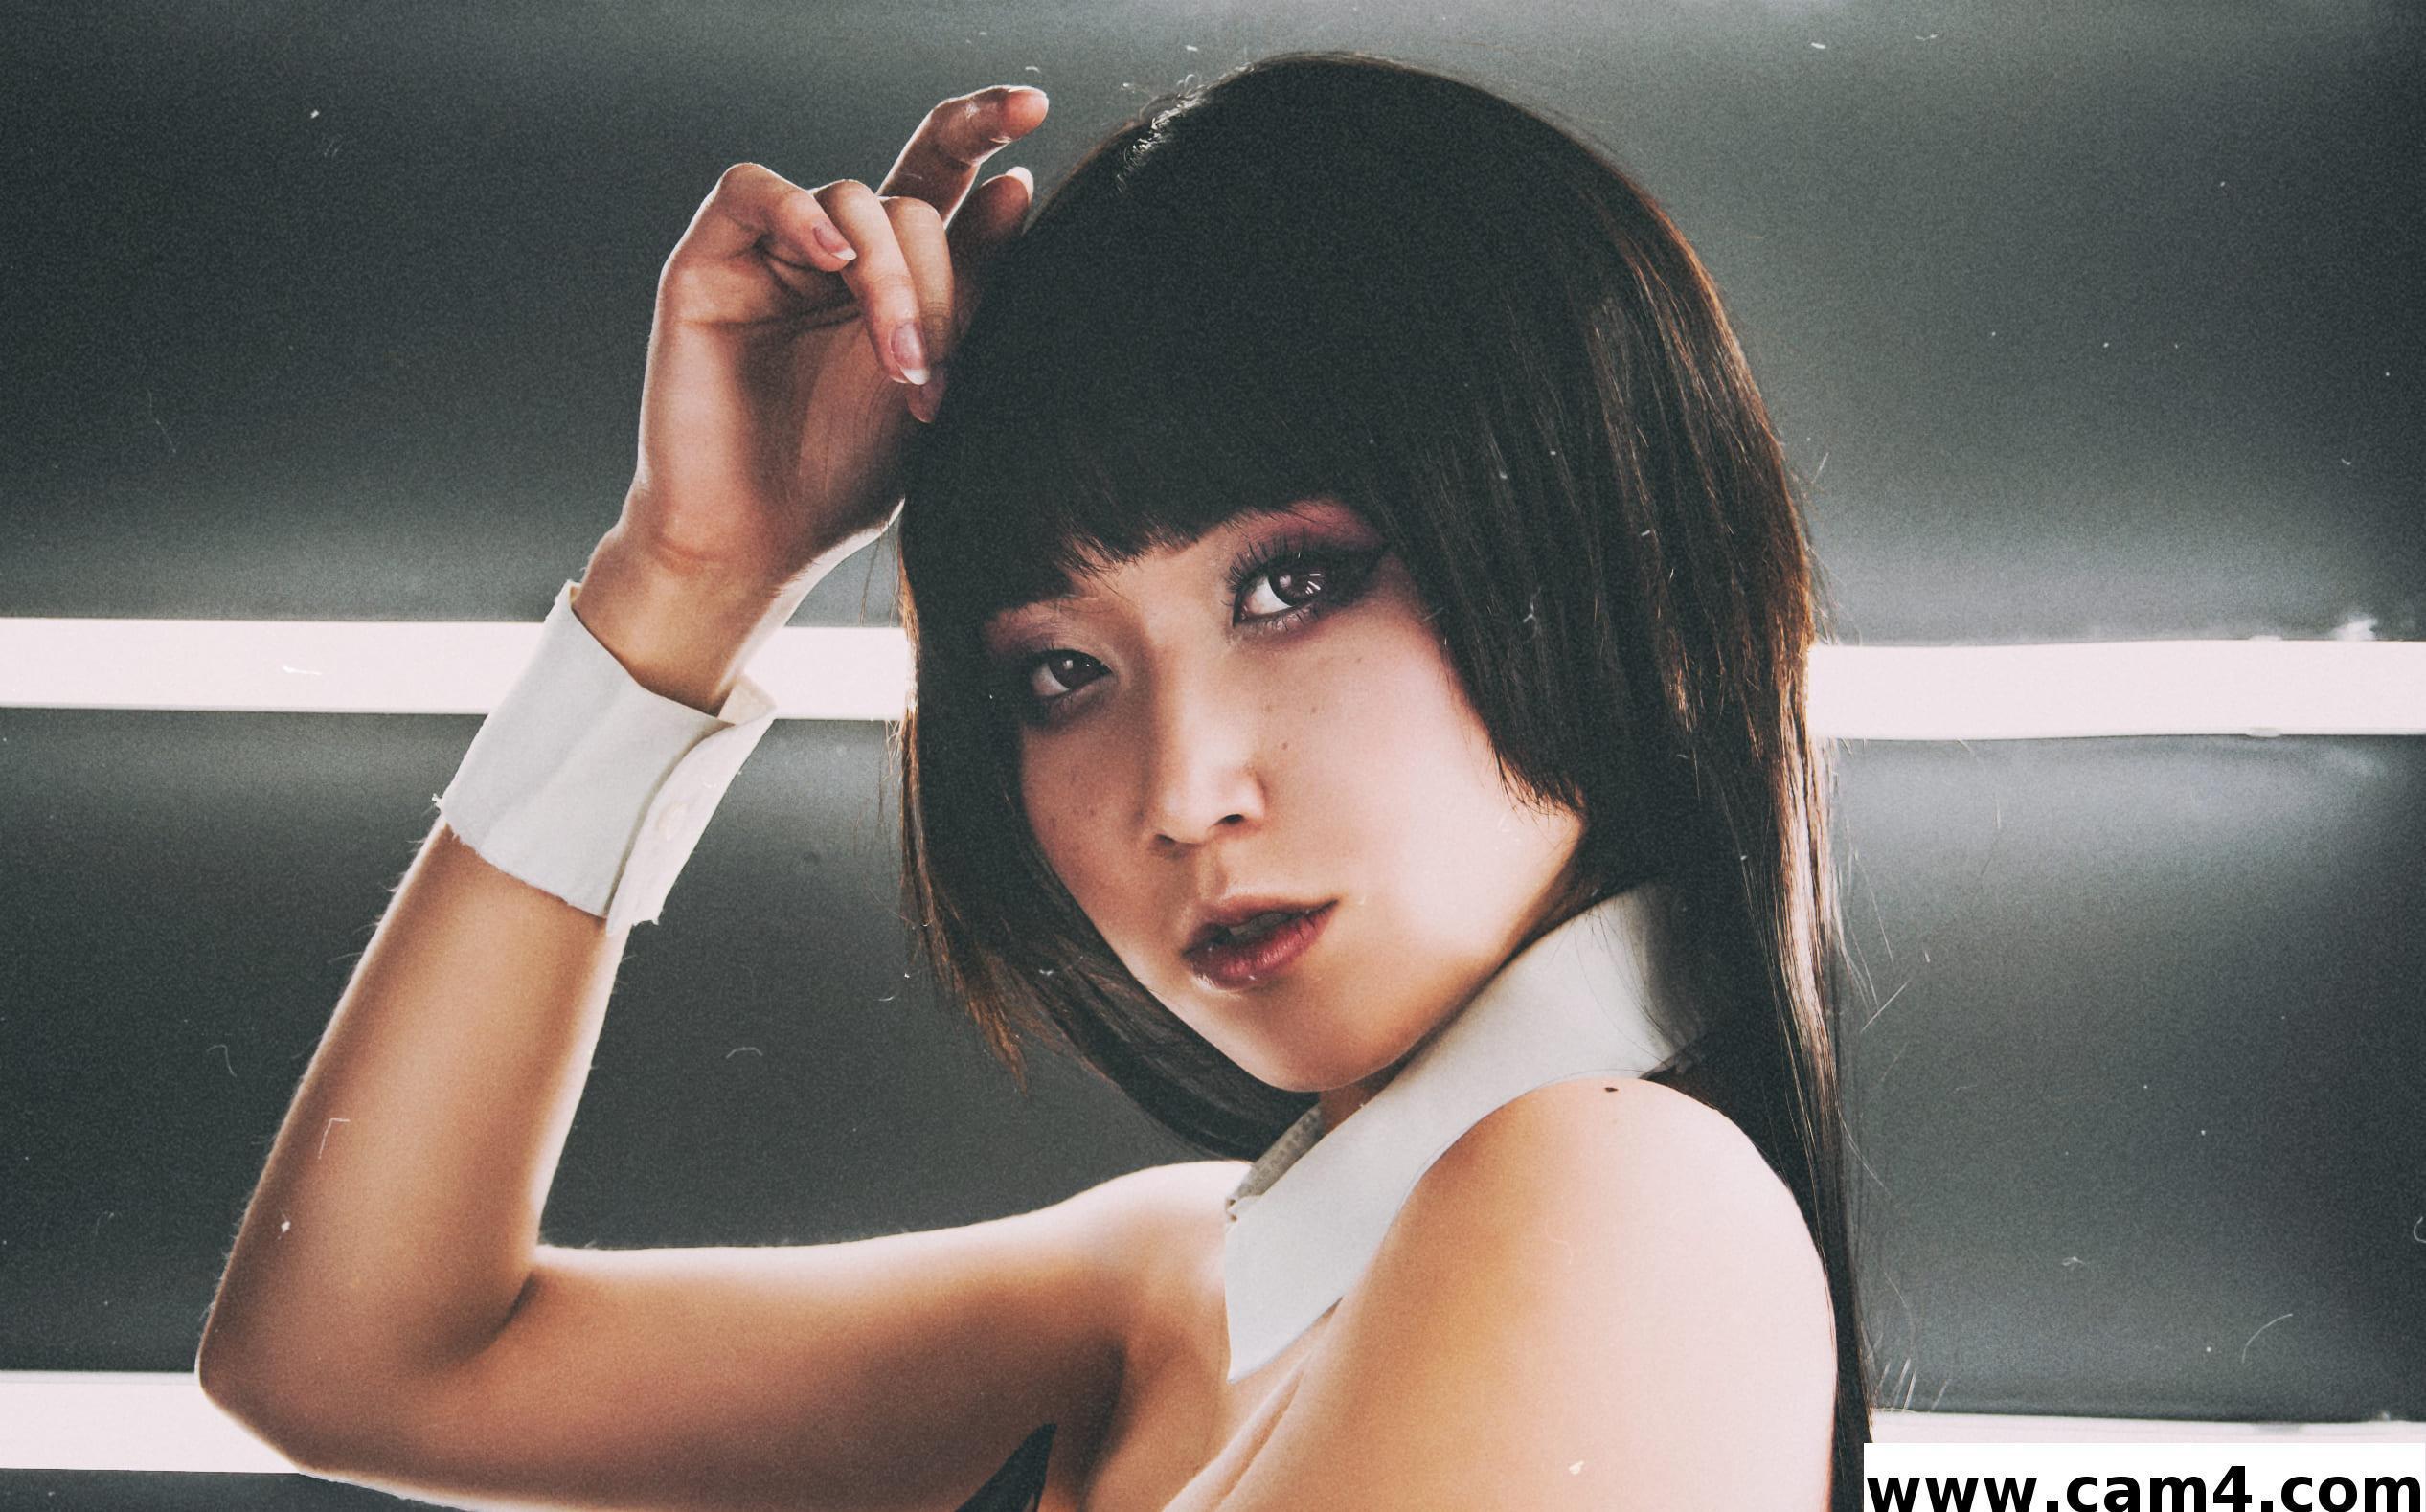 WebCam de YukoHayade Chat Gratis   VideoChat con Cams